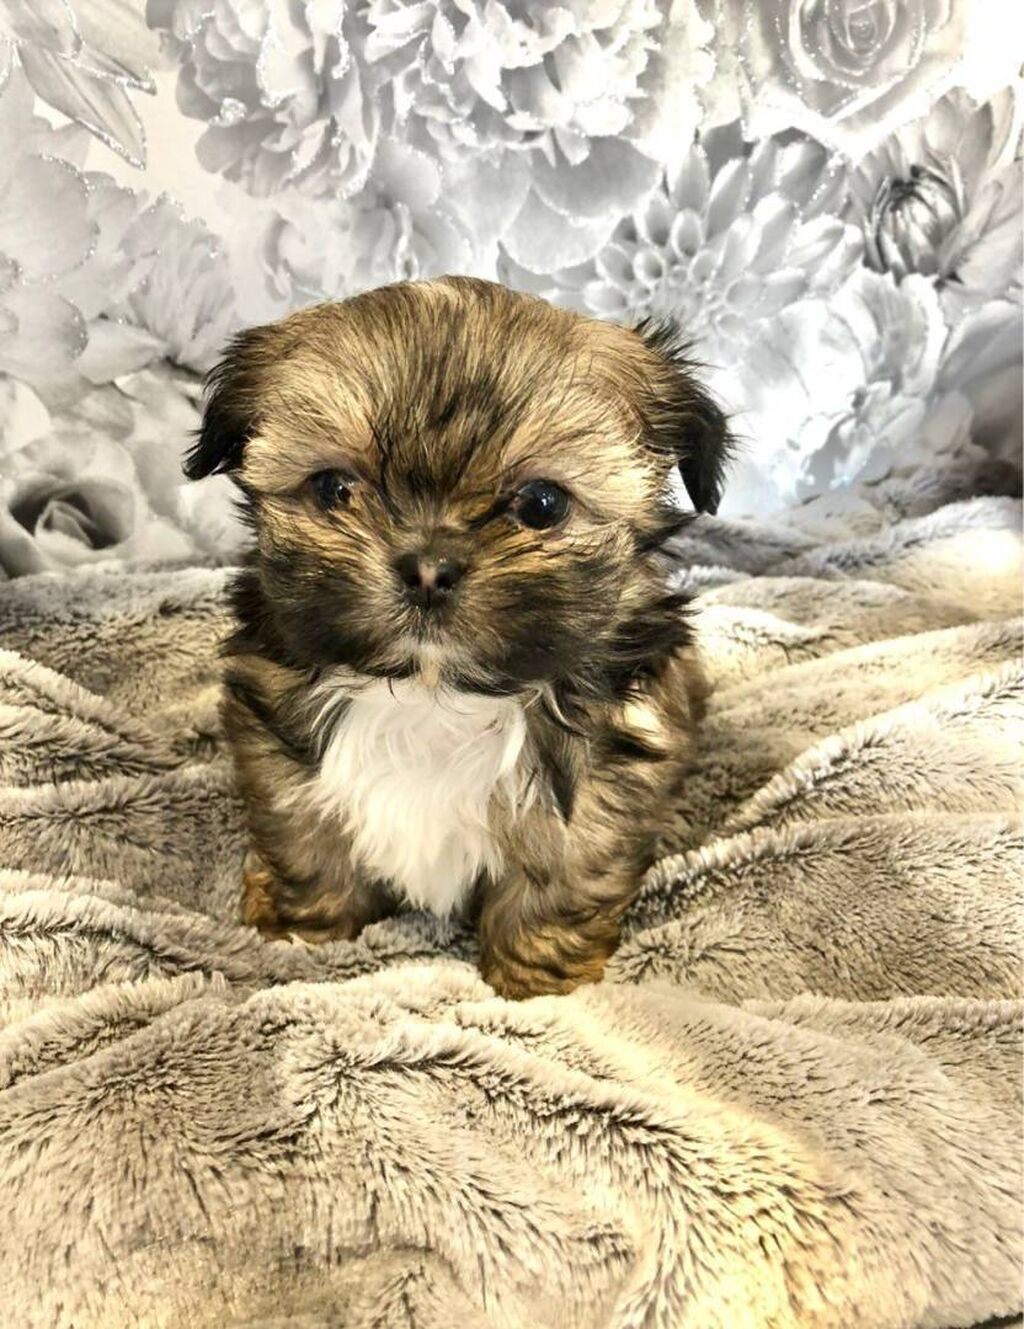 Όμορφα κουτάβια σκύλων και σκύλων Shih Tzu για επανένωση